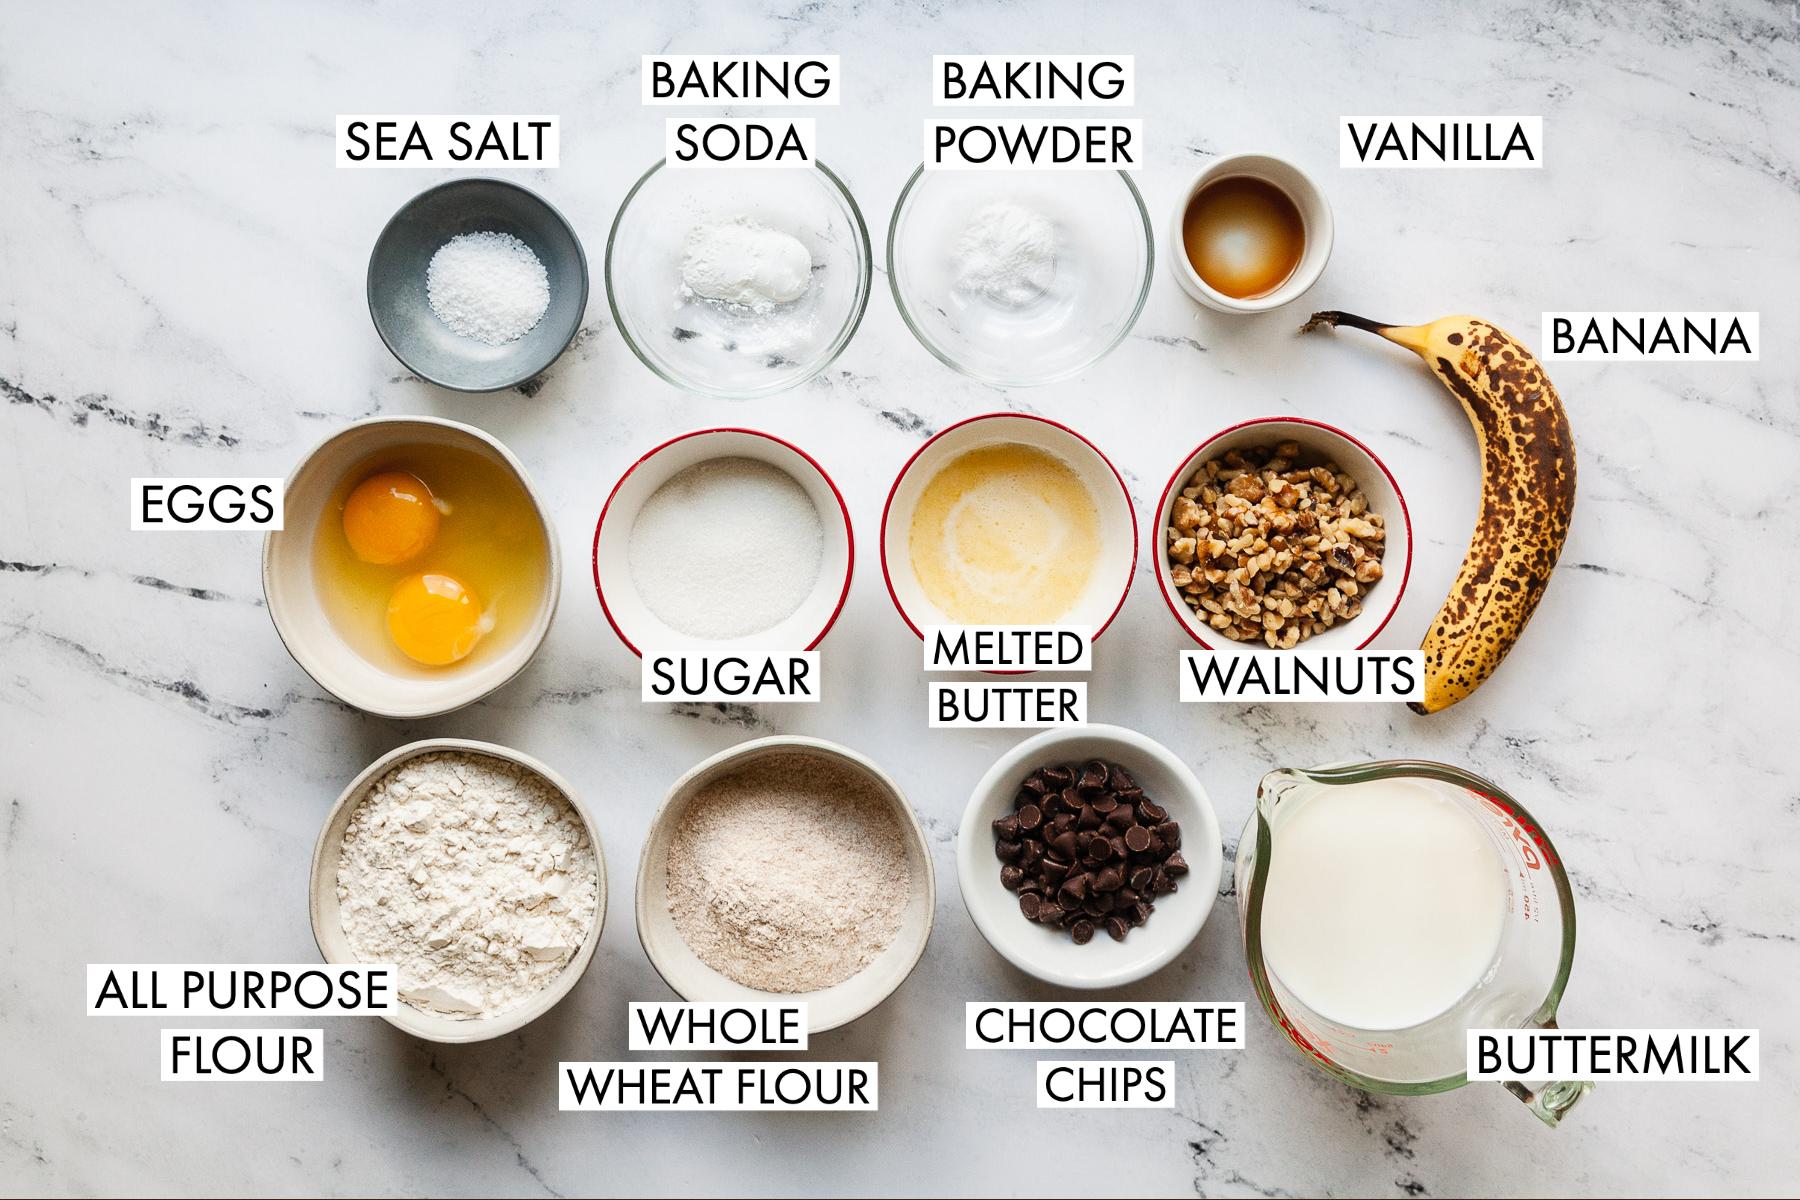 image of ingredients for banana walnut pancakes